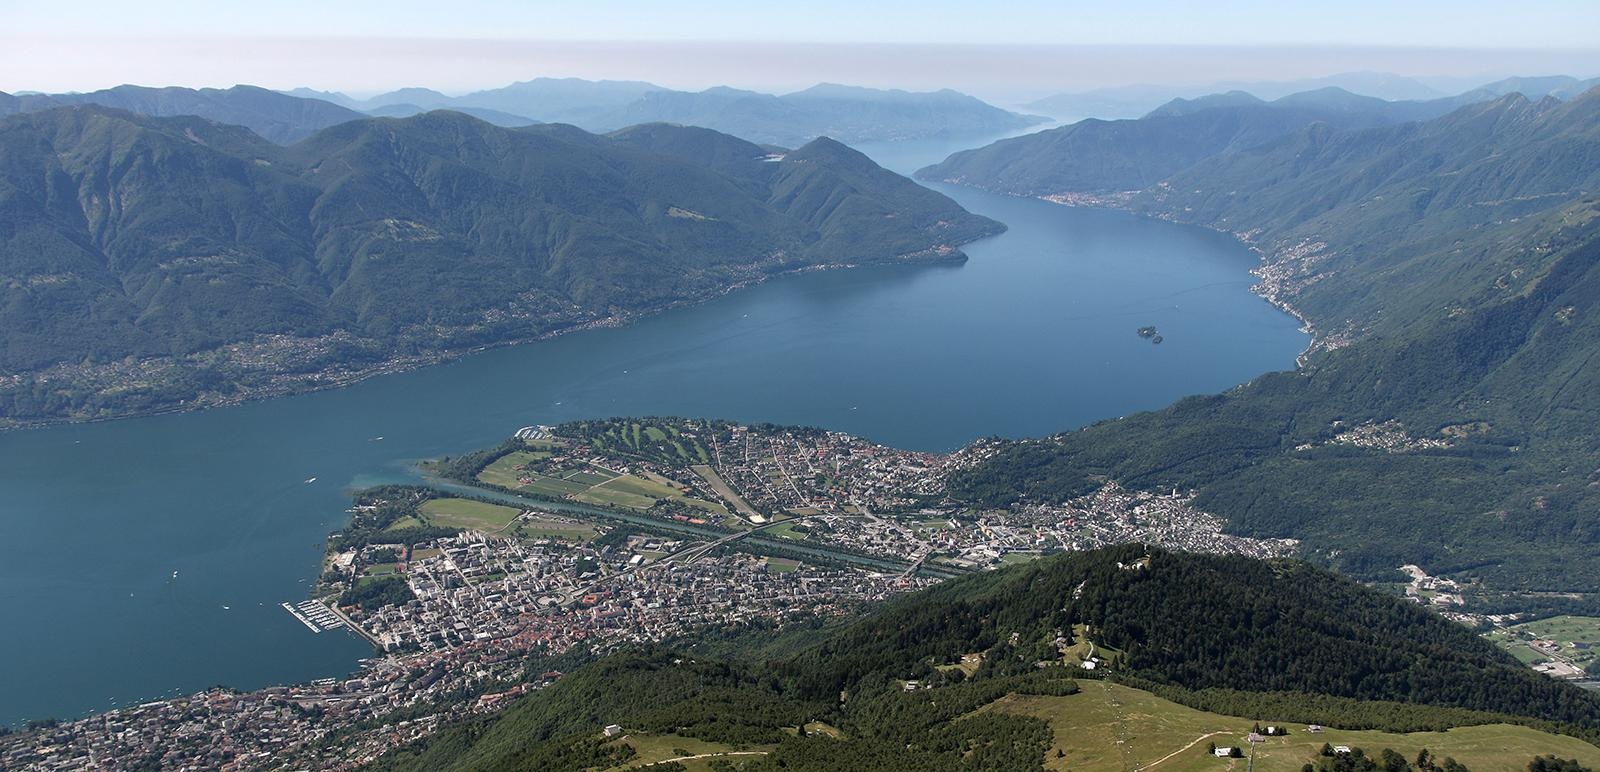 Luftaufnahme von Cardada-Cimetta auf Locarno und Ascona